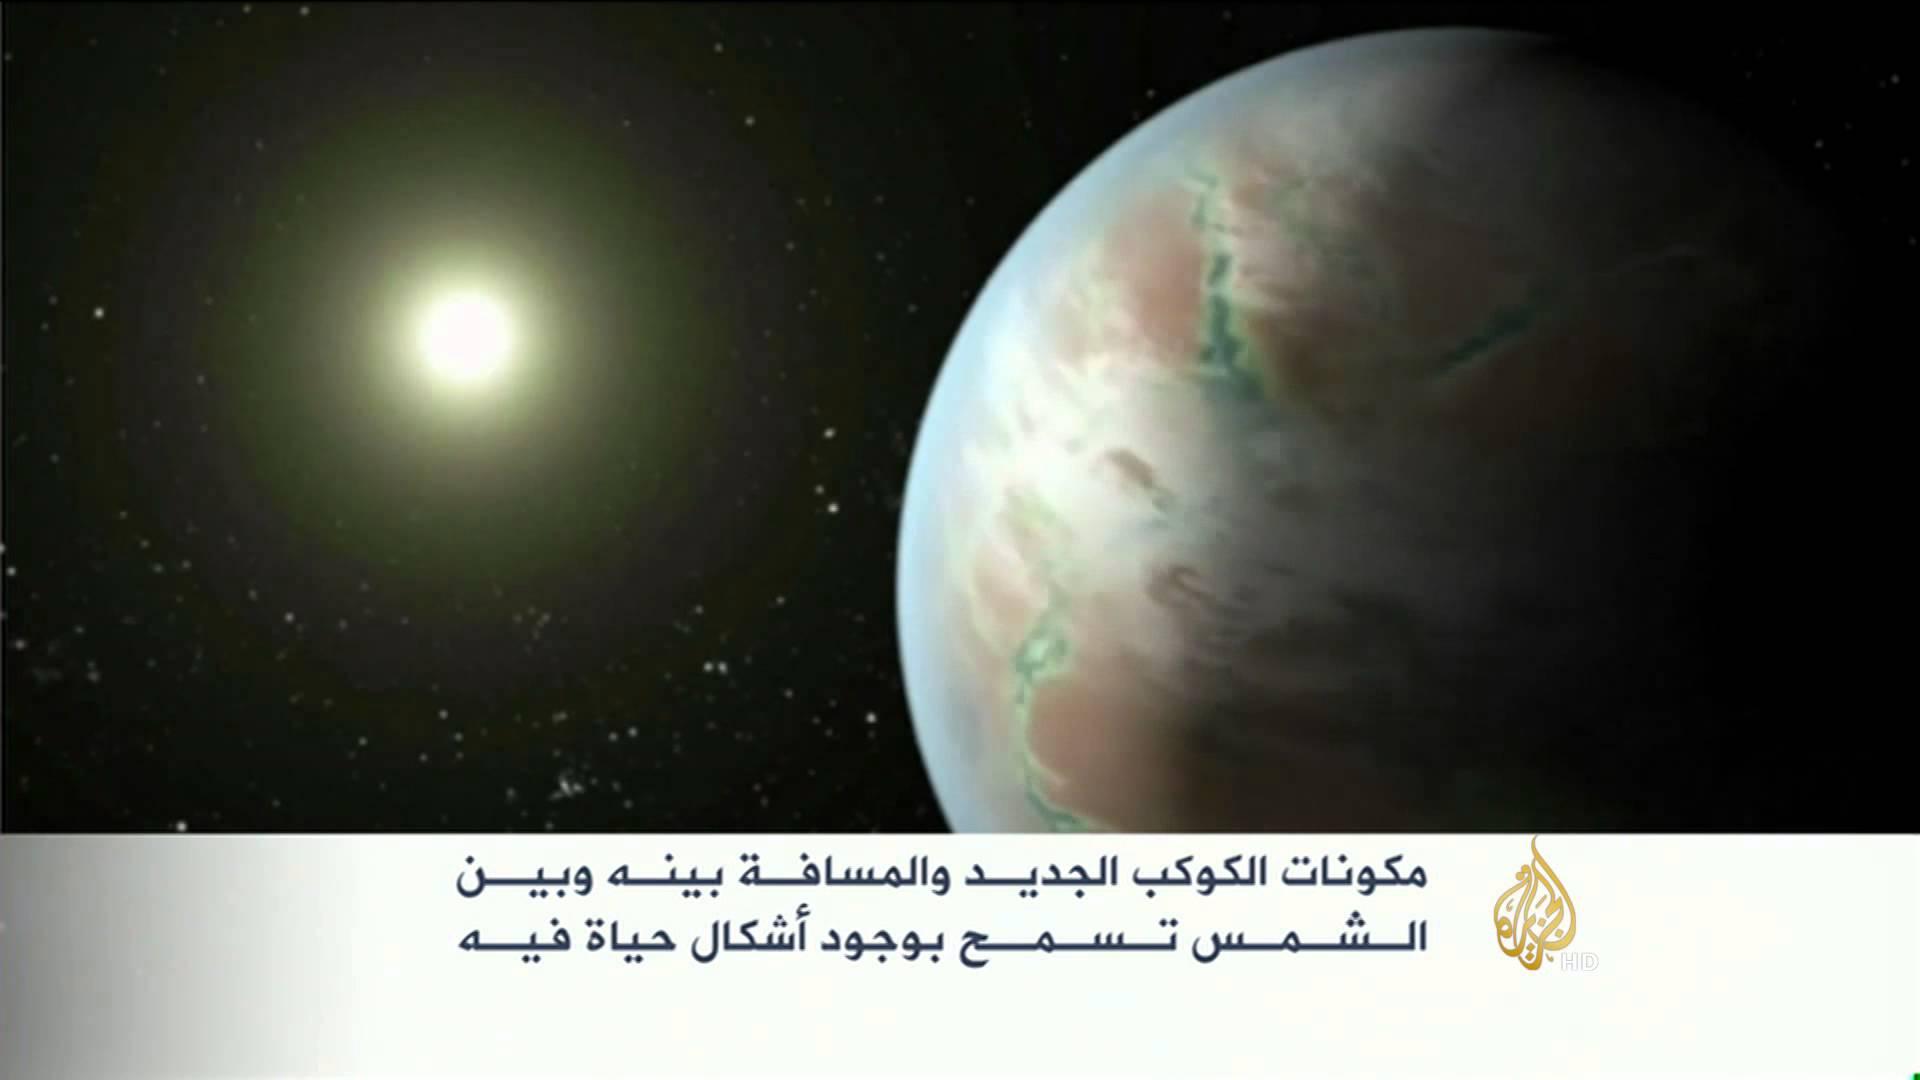 الحياة في الكوكب الجديد ممكنة!